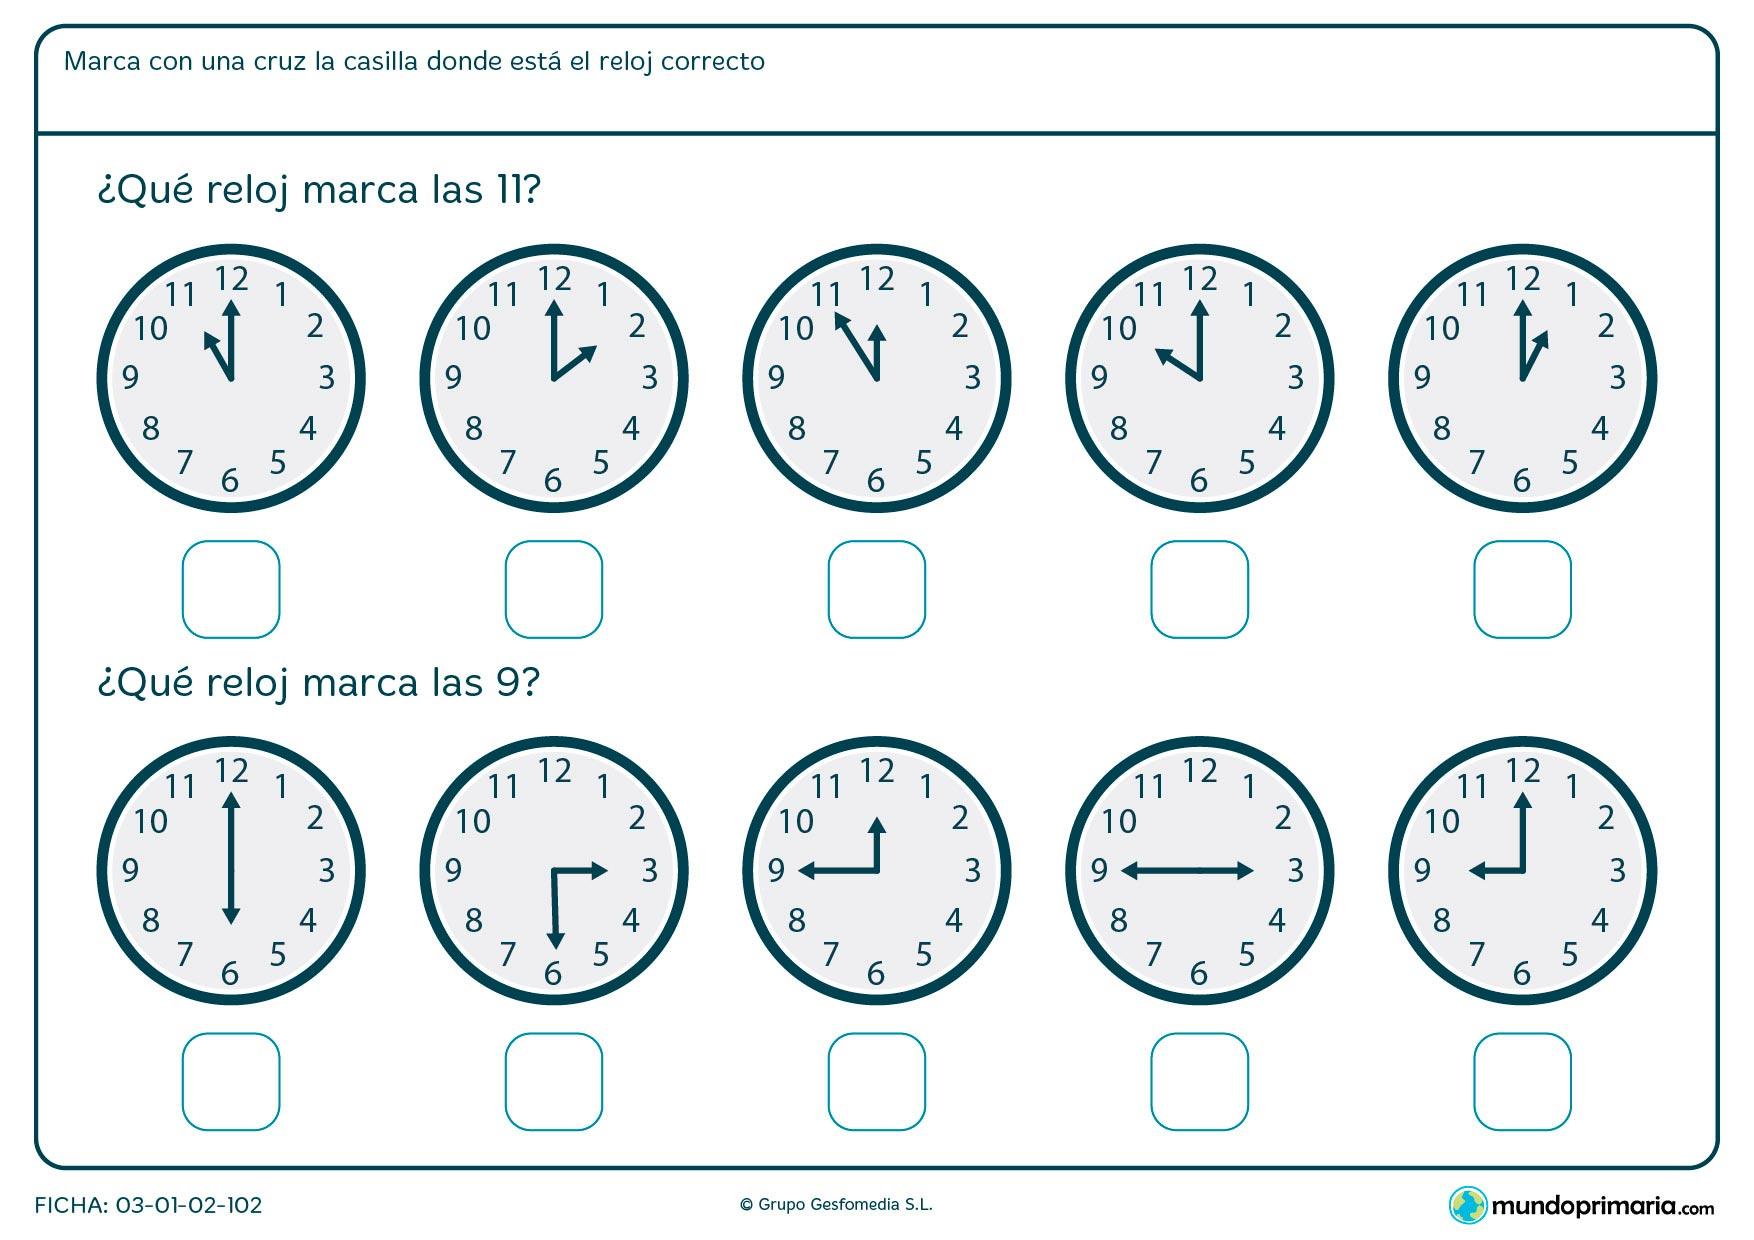 Ficha de reloj analógico para decir en qué reloj son las 11 en punto y en cuál las 9 en punto.